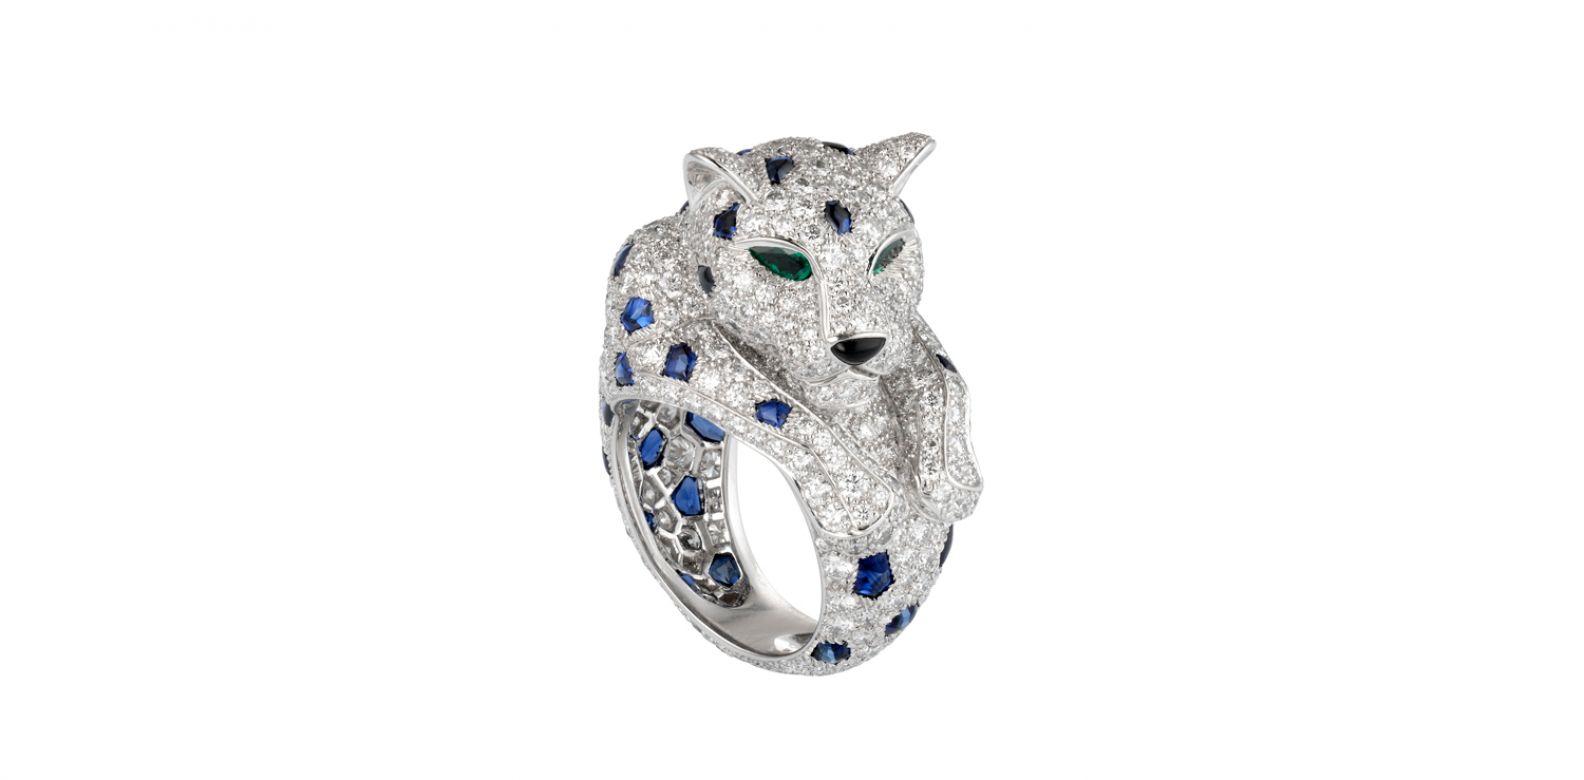 Panthère de Cartier 美洲豹藍寶石斑點戒指。(圖片提供/Cartier)